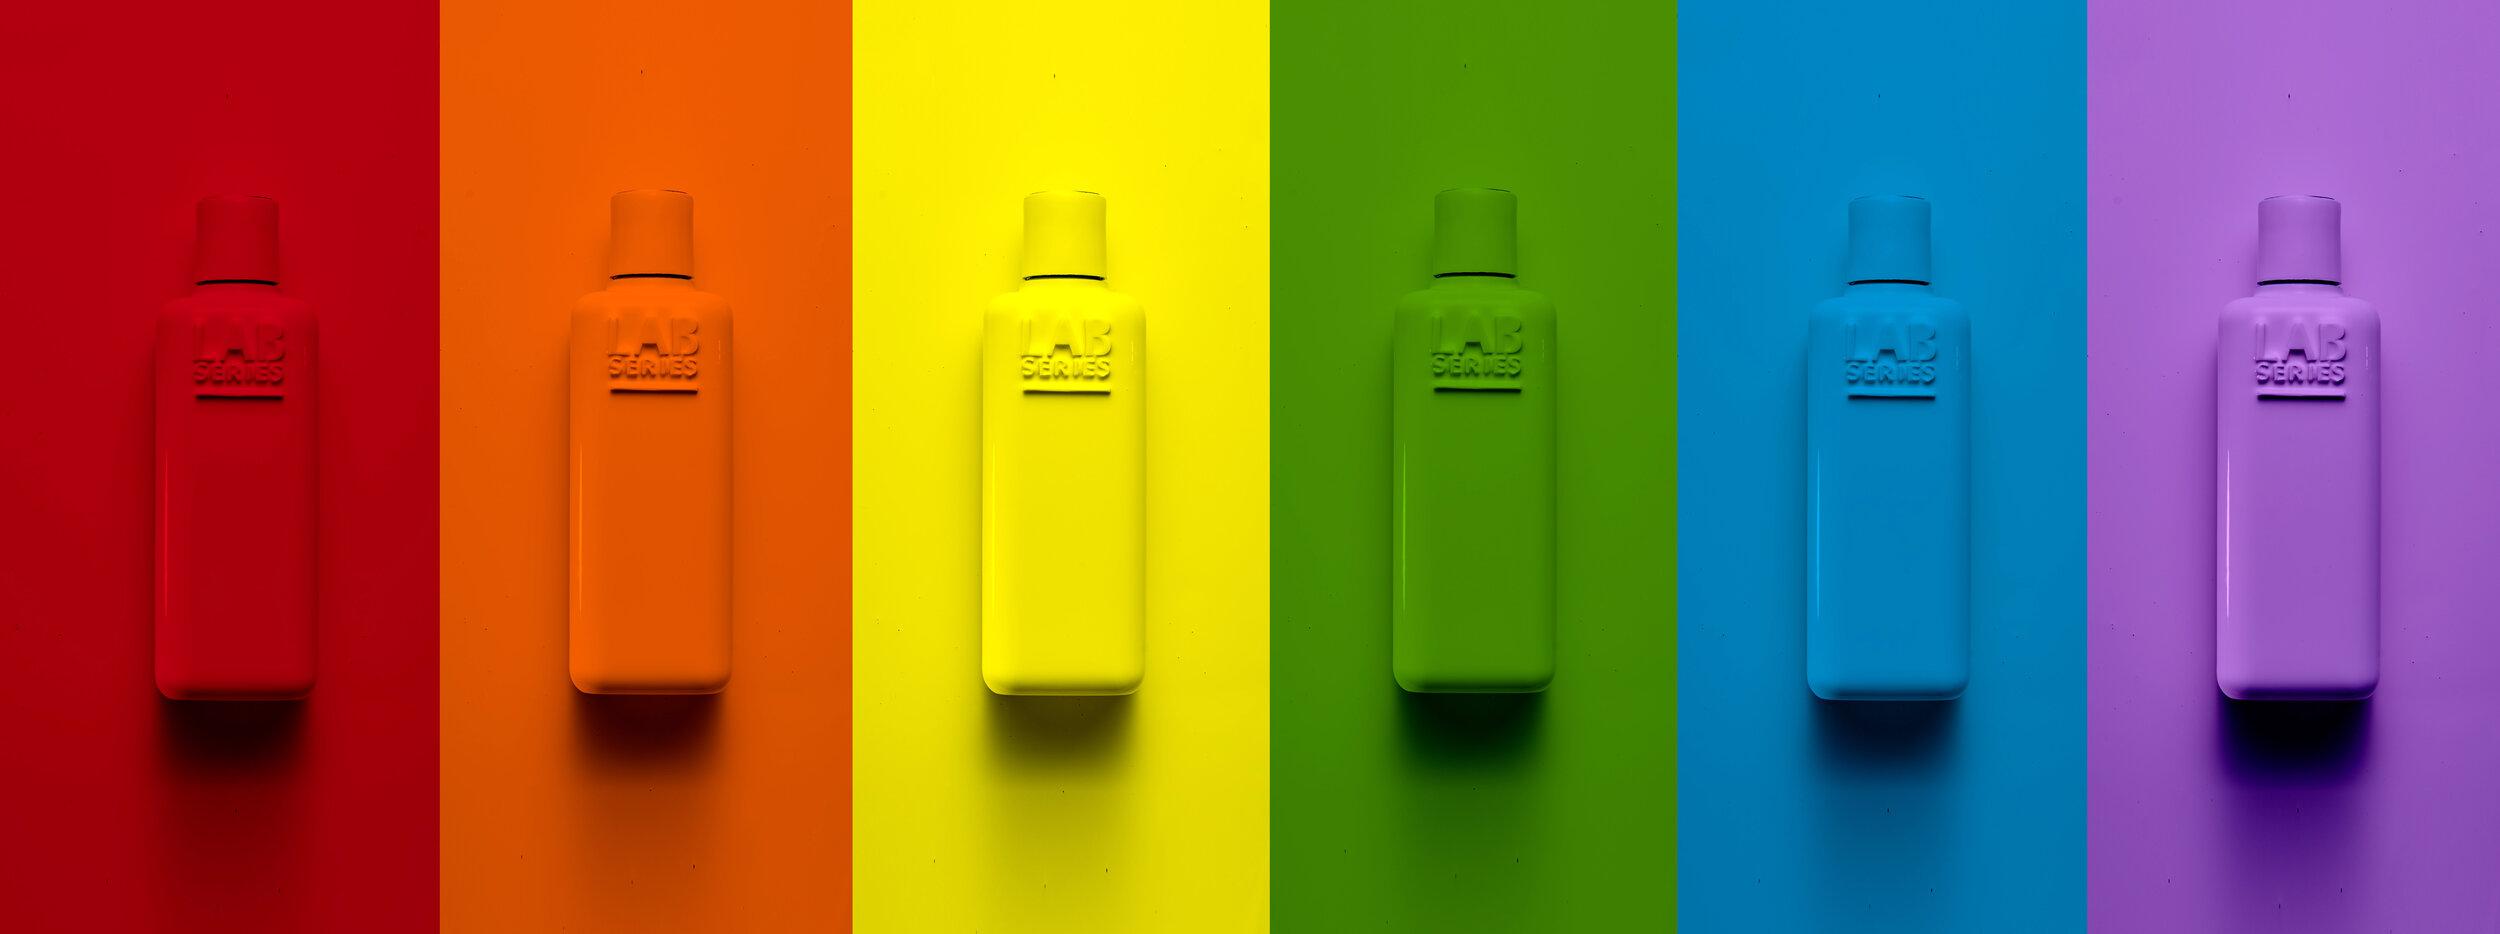 PRIDE_2019_rainbowpaint.jpg